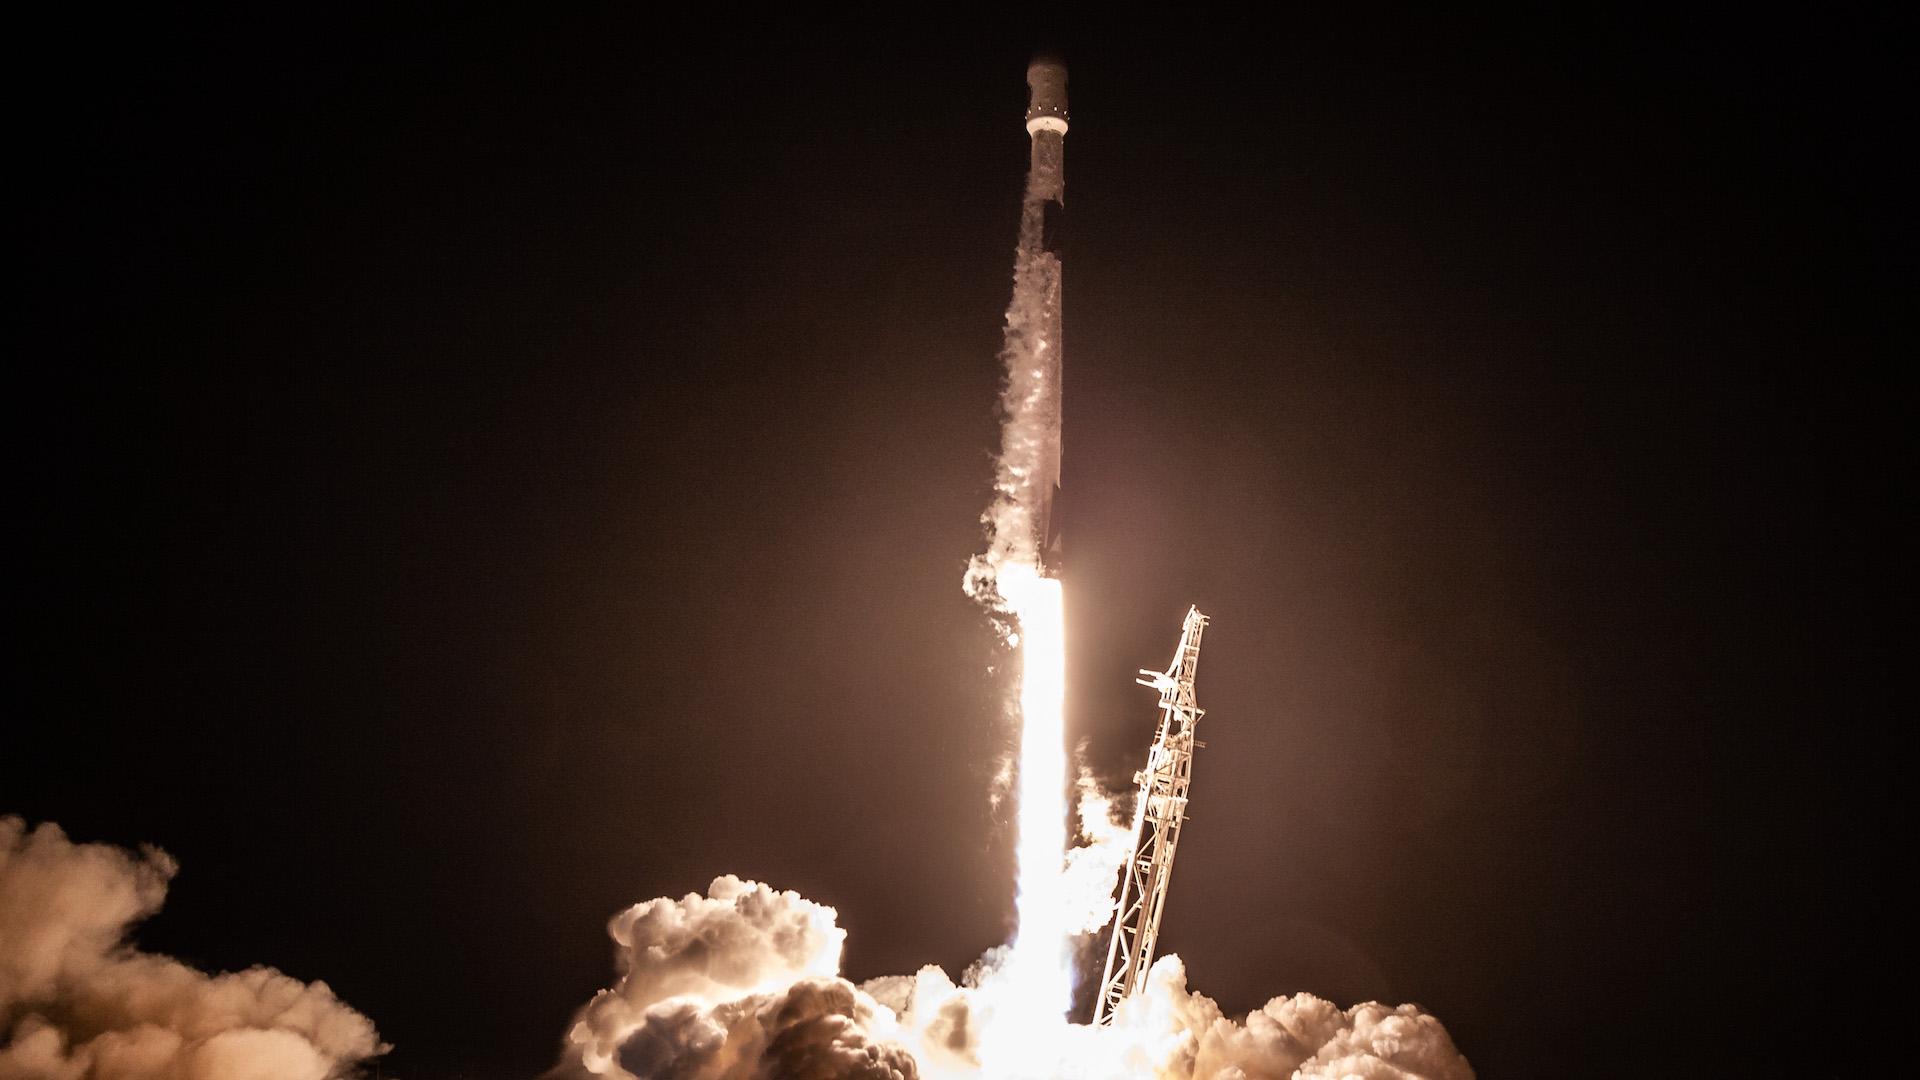 Este domingo, lanzamiento del satélite argentino SAOCOM 1B: transmisión en vivo